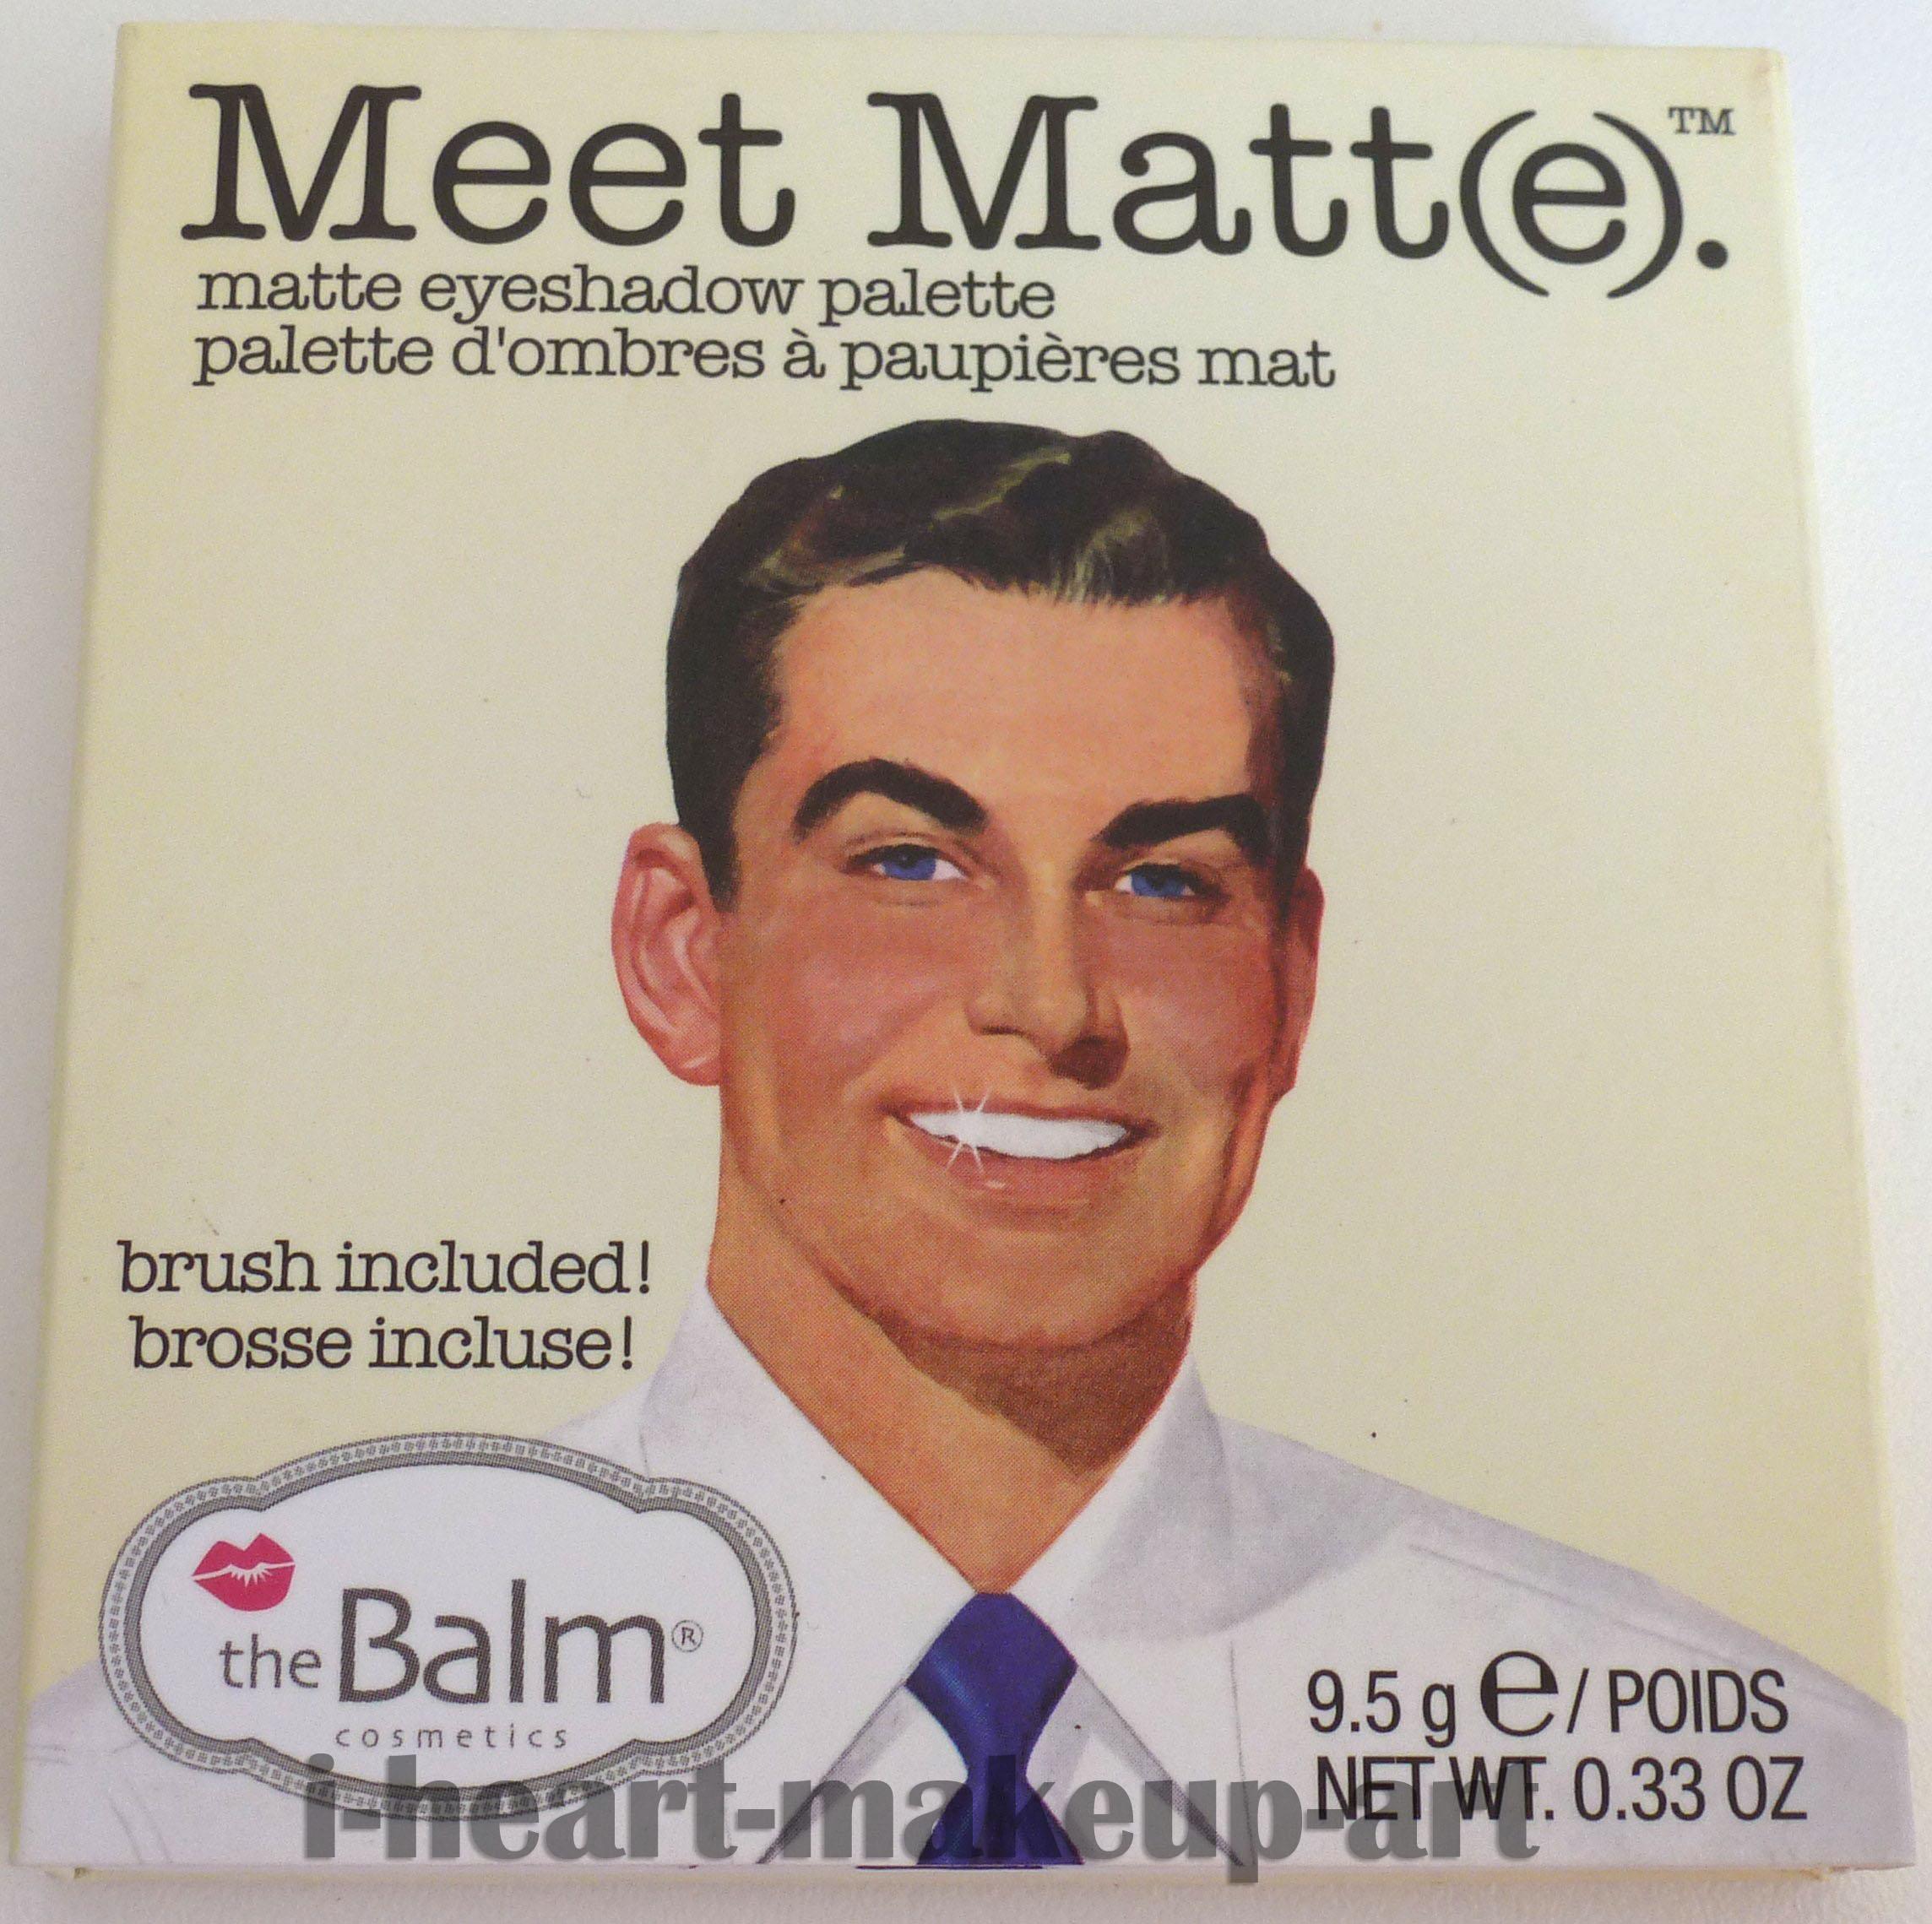 REVIEW: theBalm Meet Matt(e)